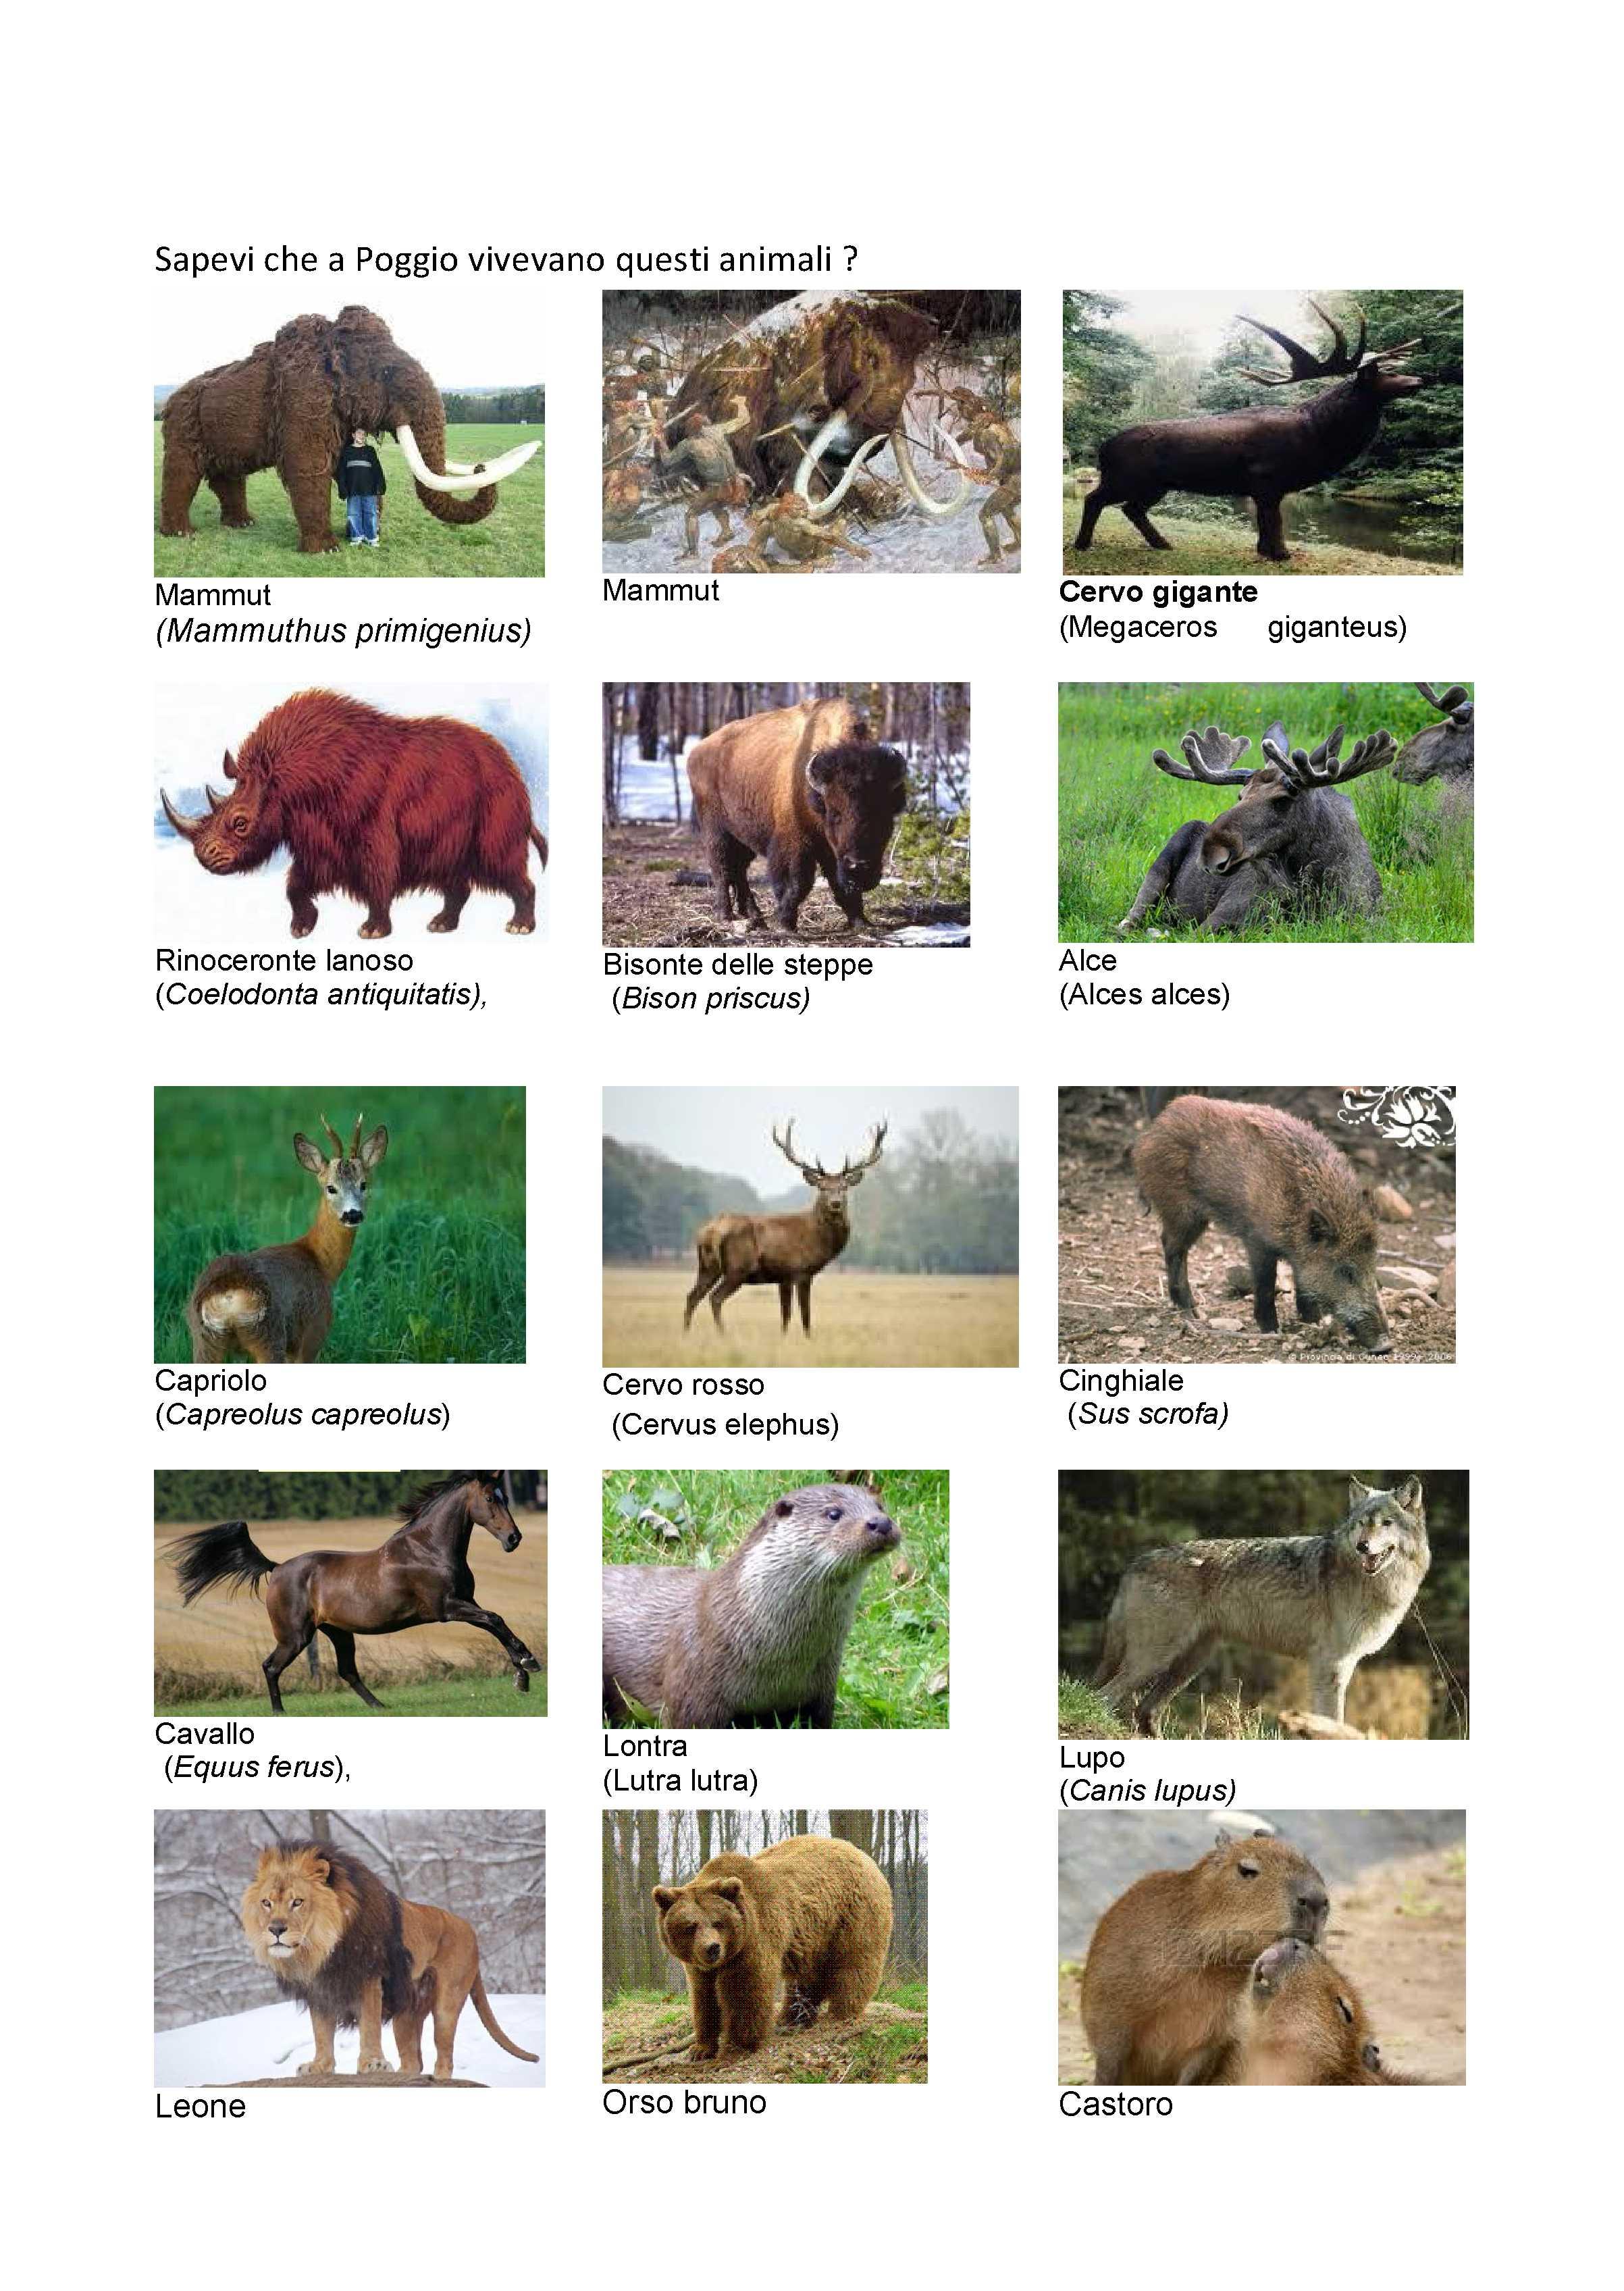 Sapevi che Poggio vivevano questi animali_Pagina_1